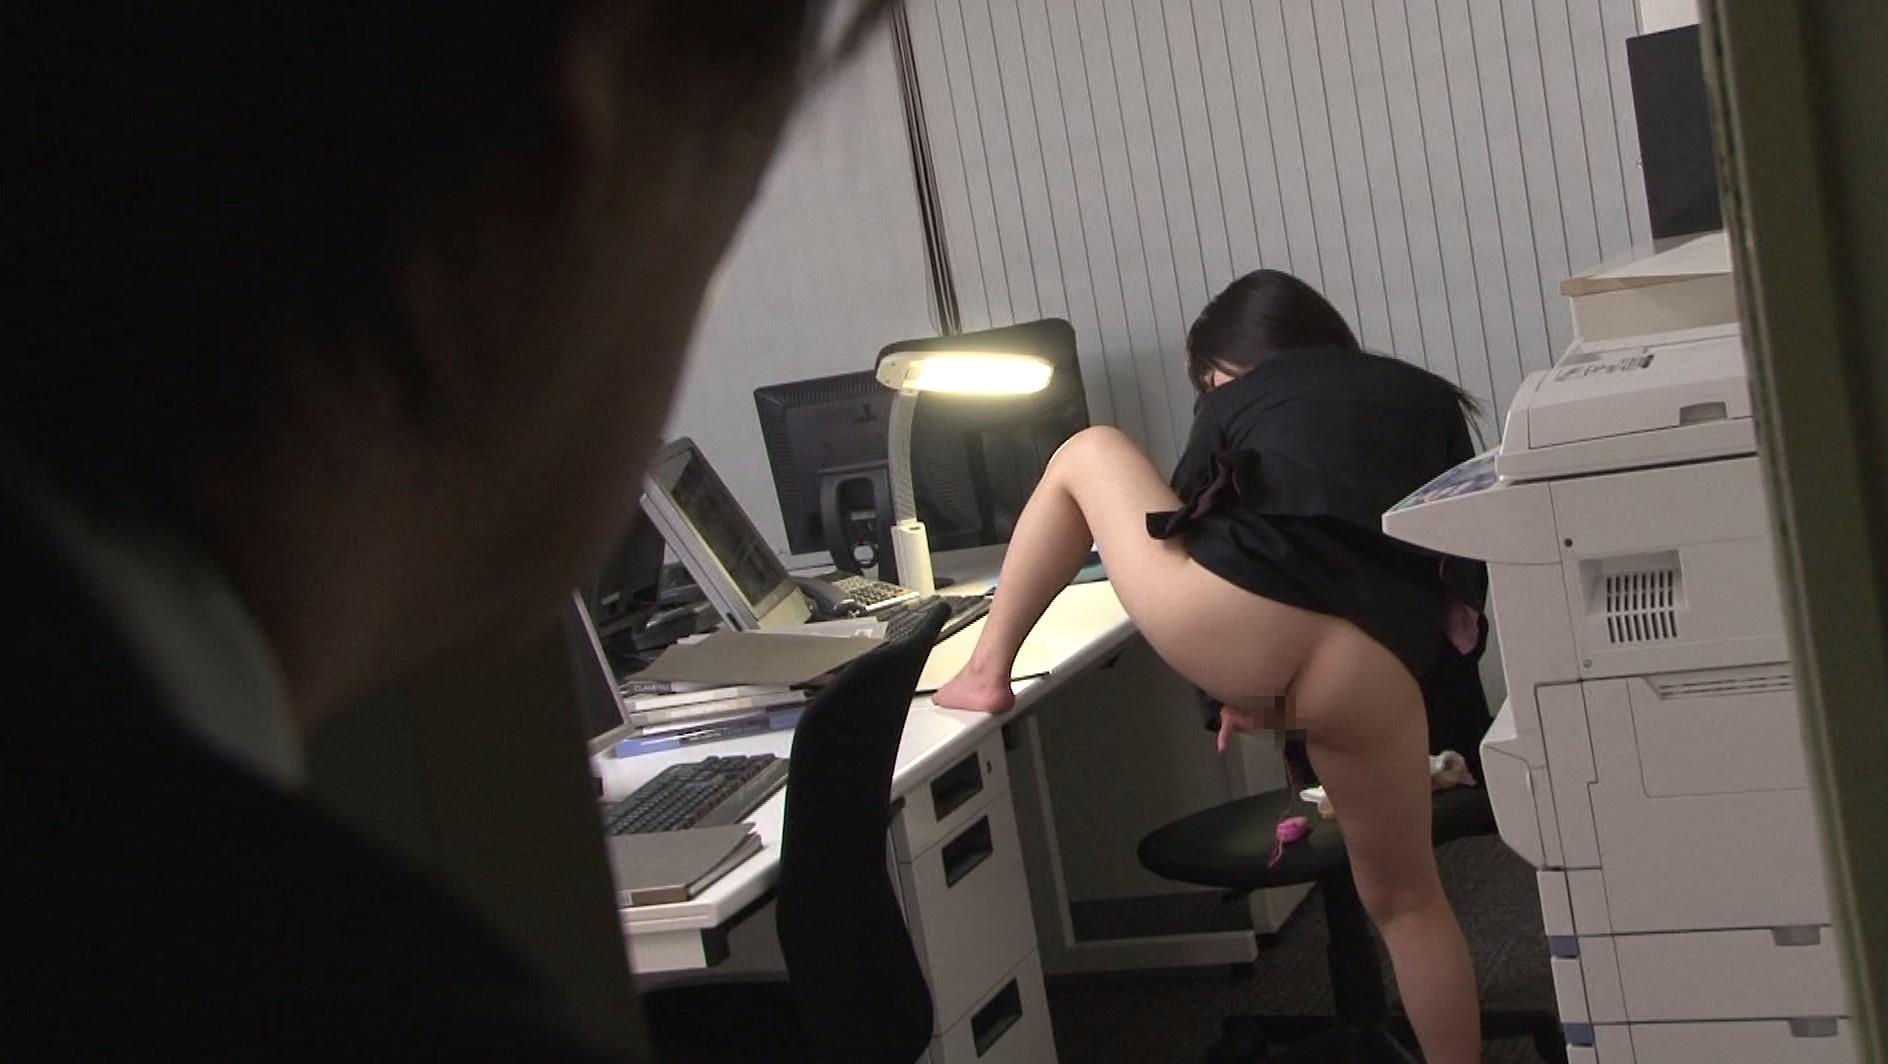 職場で見たエロい光景35